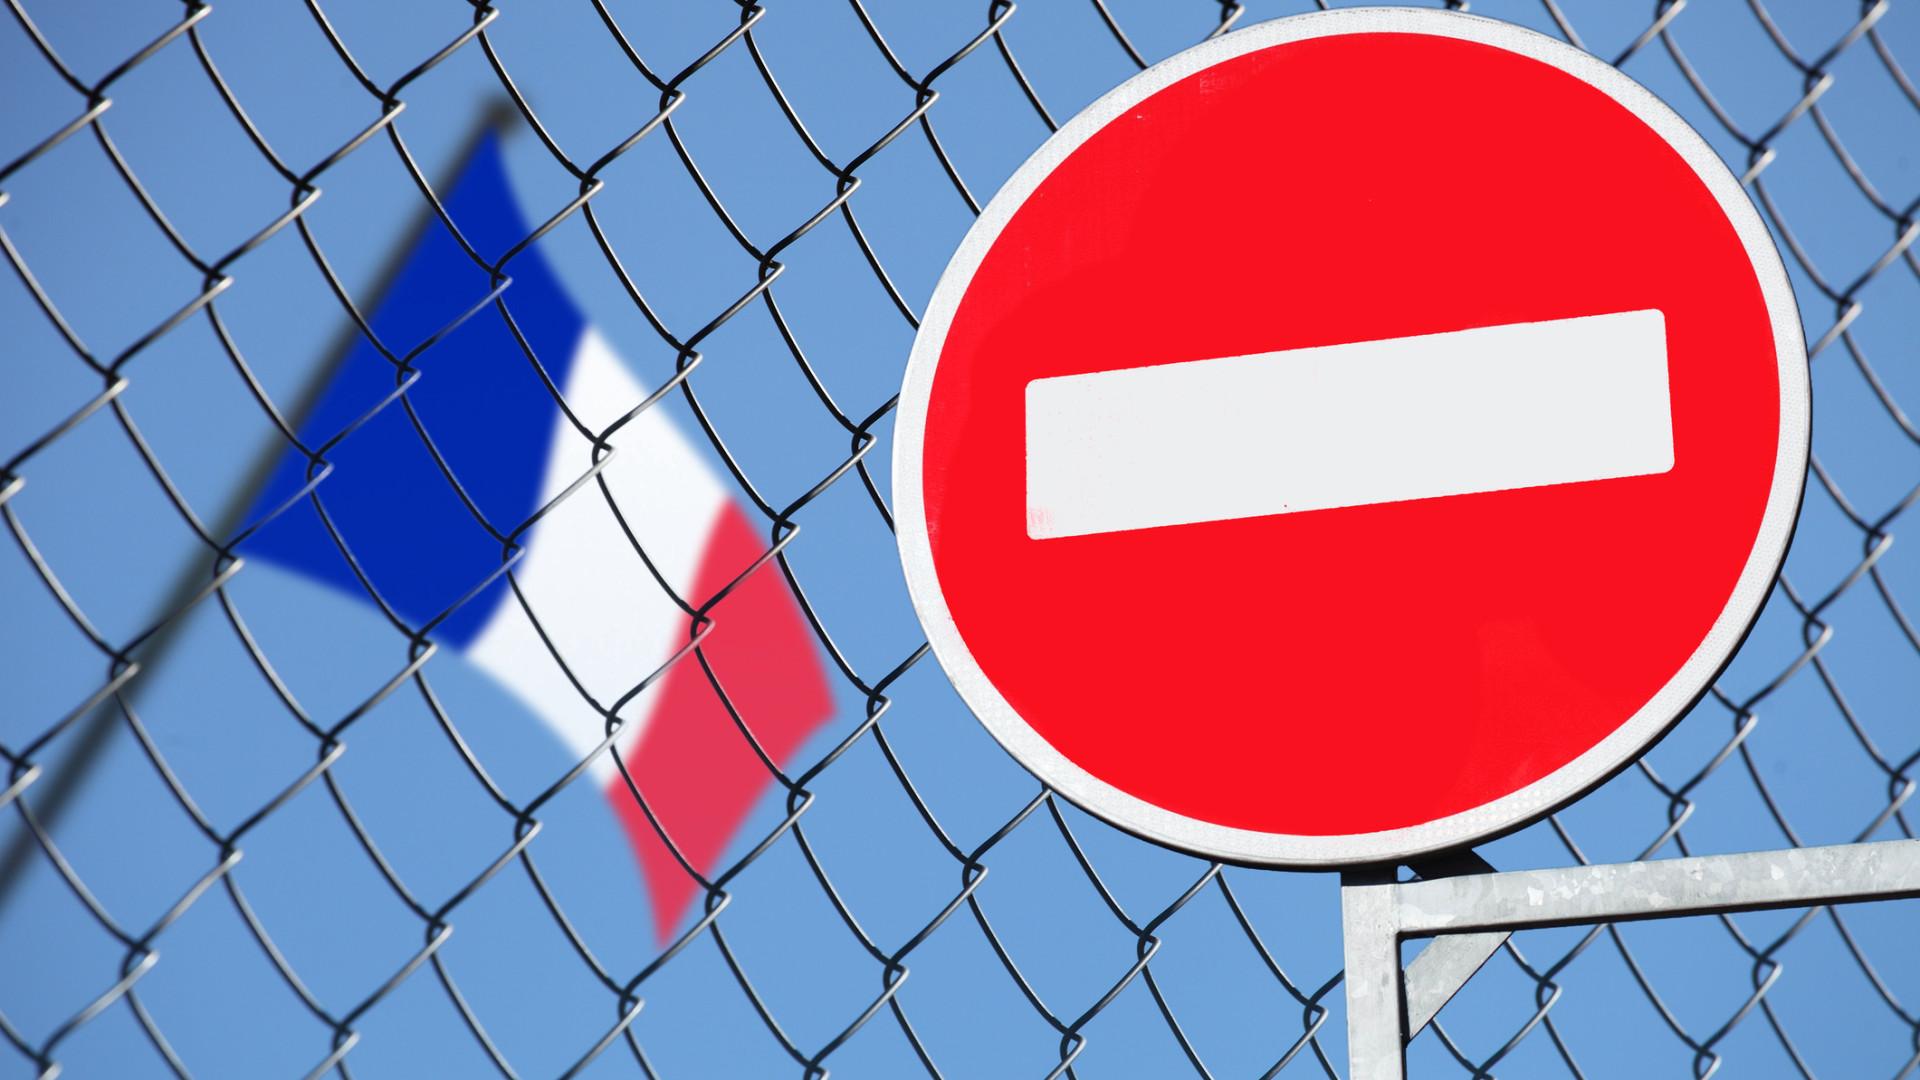 França não recebeu informação oficial de Itália para pedido de desculpas